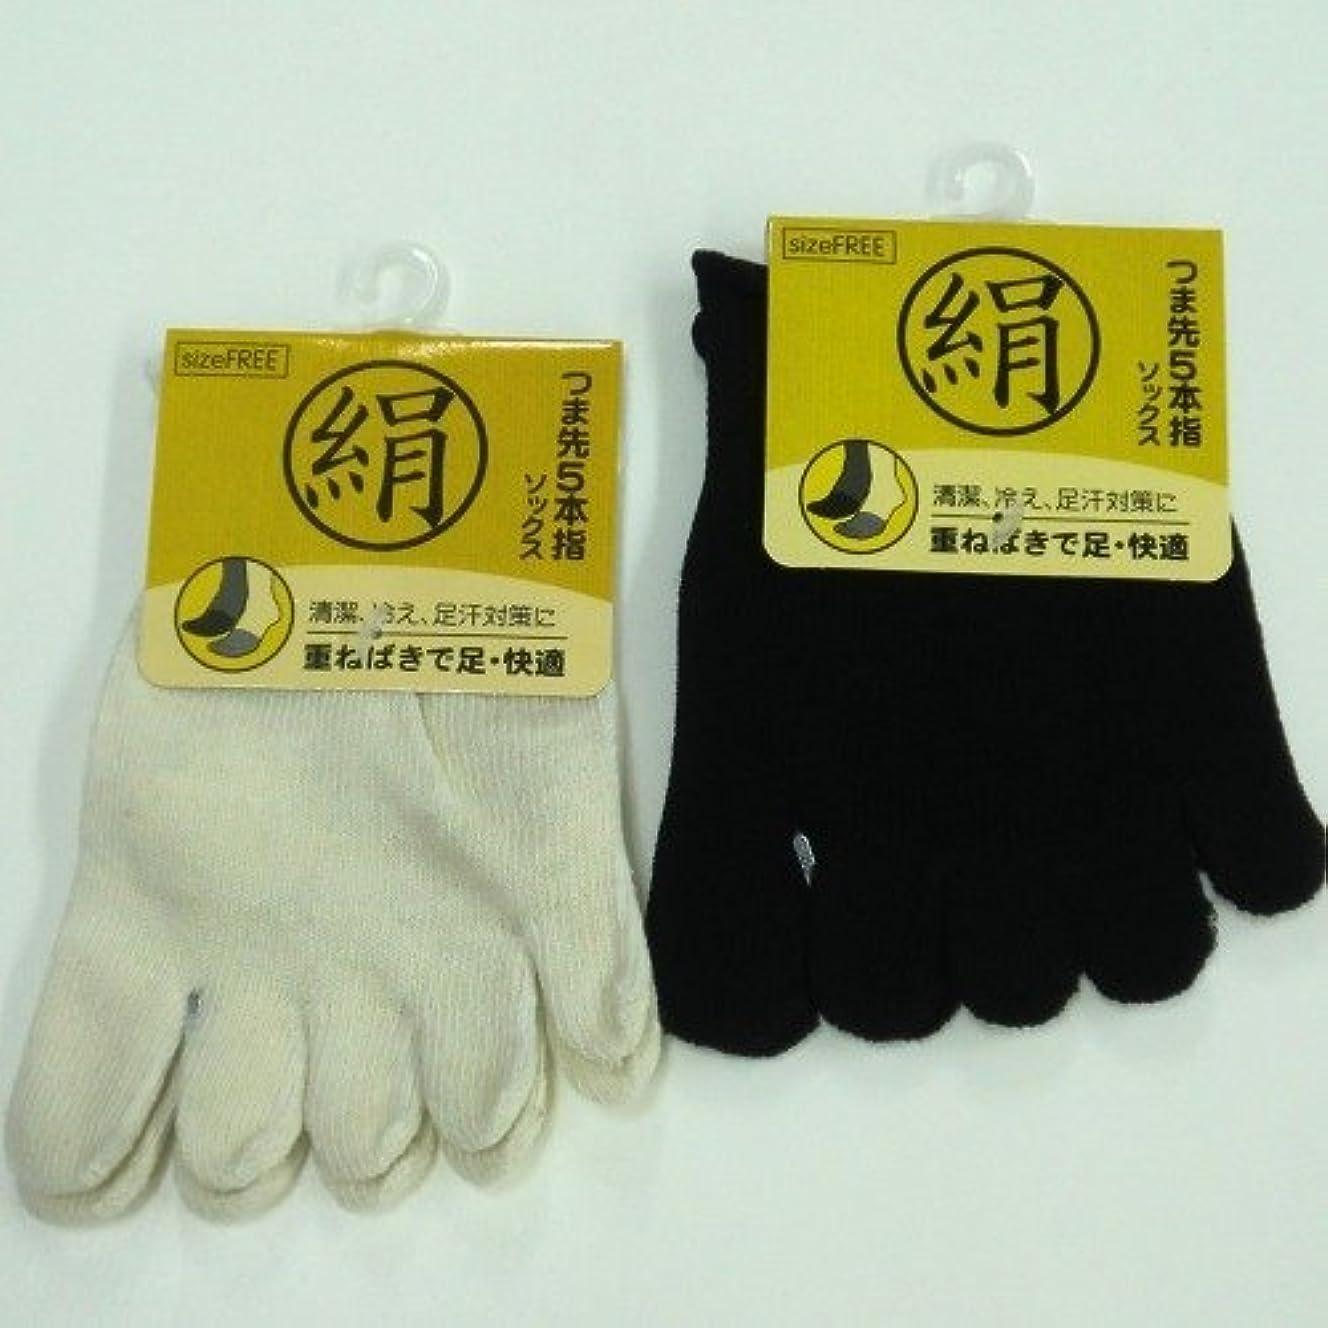 カテゴリー斧耳シルク 5本指ハーフソックス 足指カバー 天然素材絹で抗菌防臭 3足組 (色はお任せ)